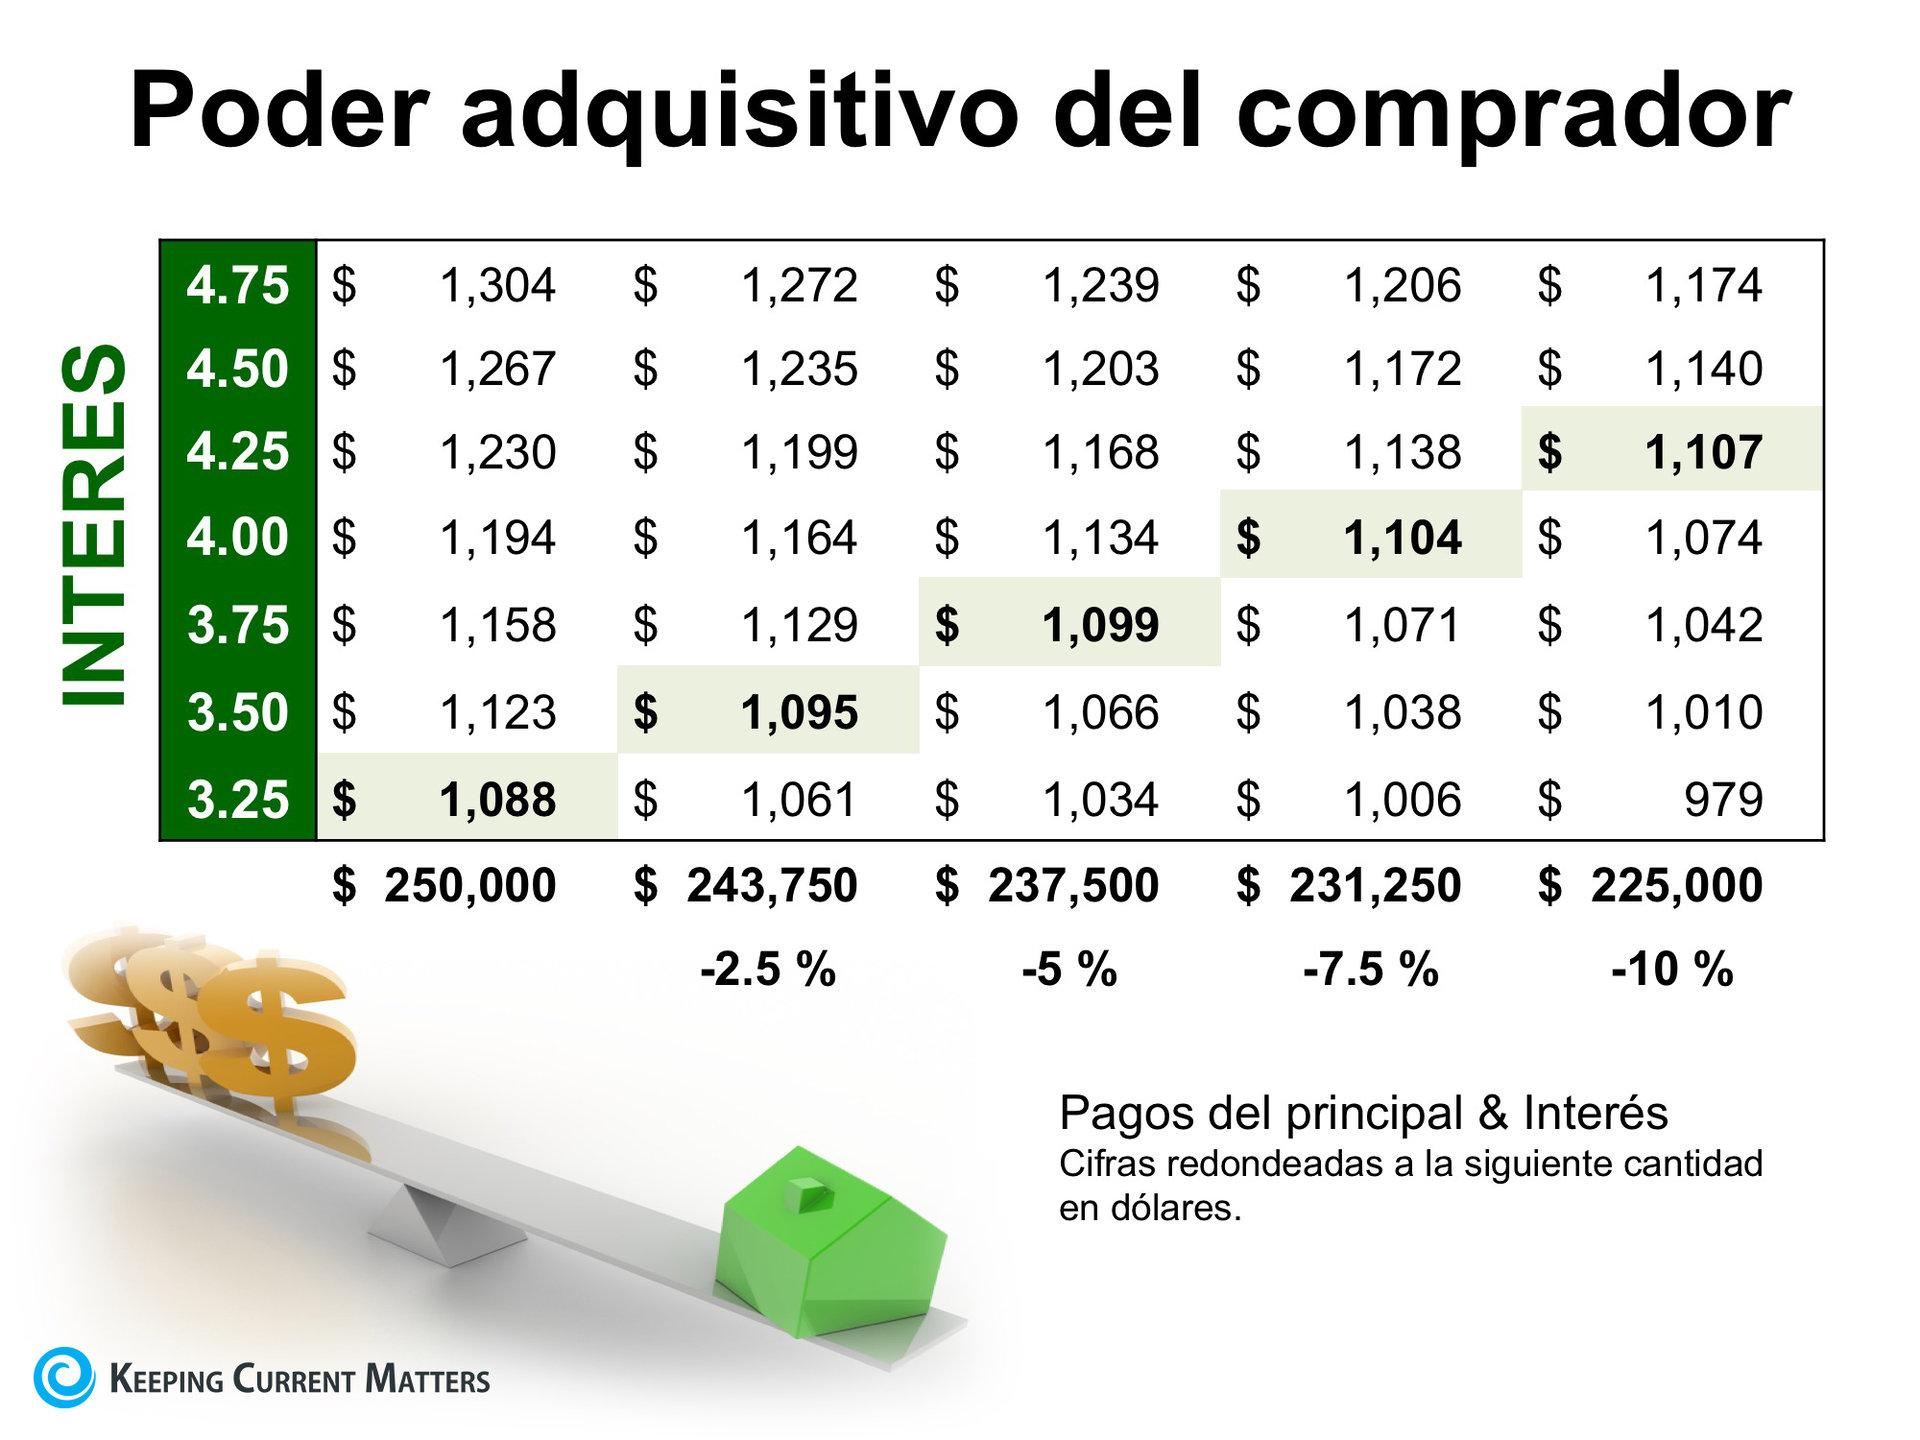 Cómo las tasas de interés bajas aumentan su poder adquisitivo | Keeping Current Matters